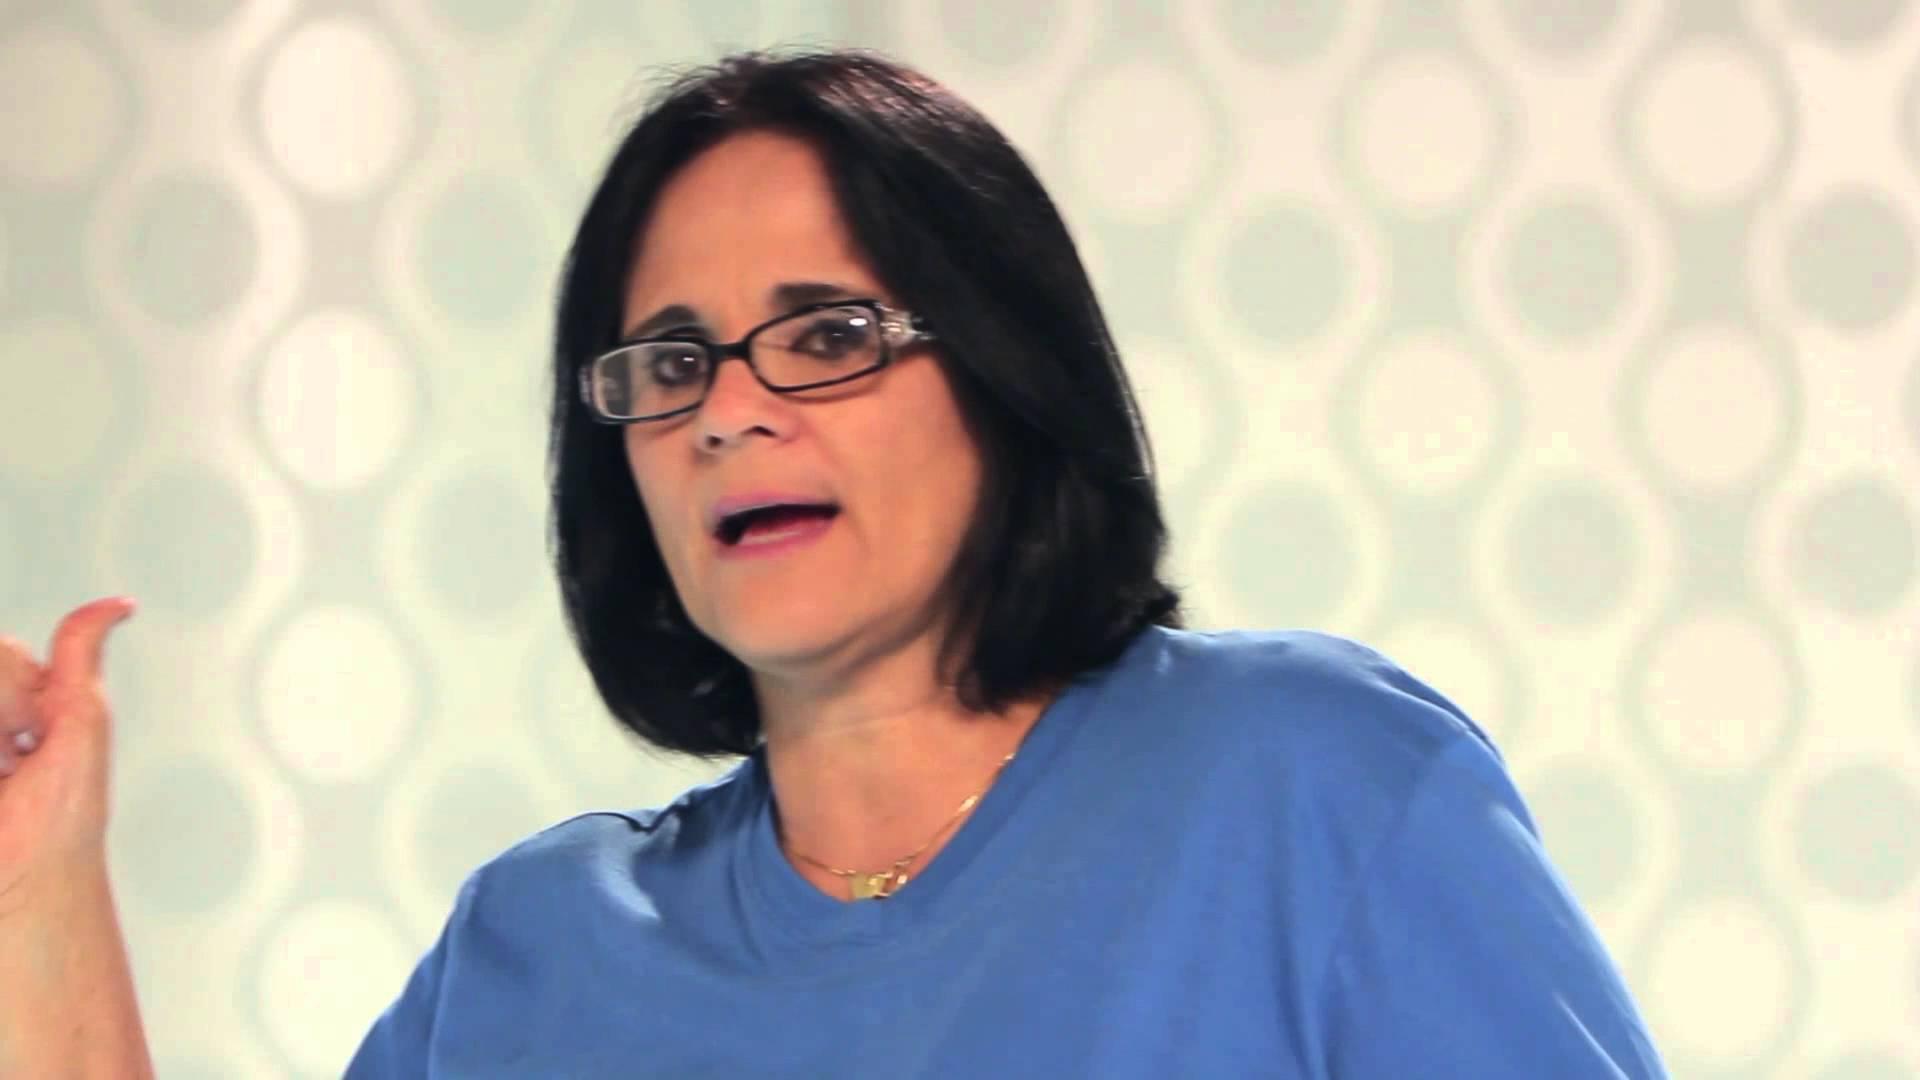 Damares Alves, ministra dos Direitos Humanos, falou sobre direitos gays e LGBT